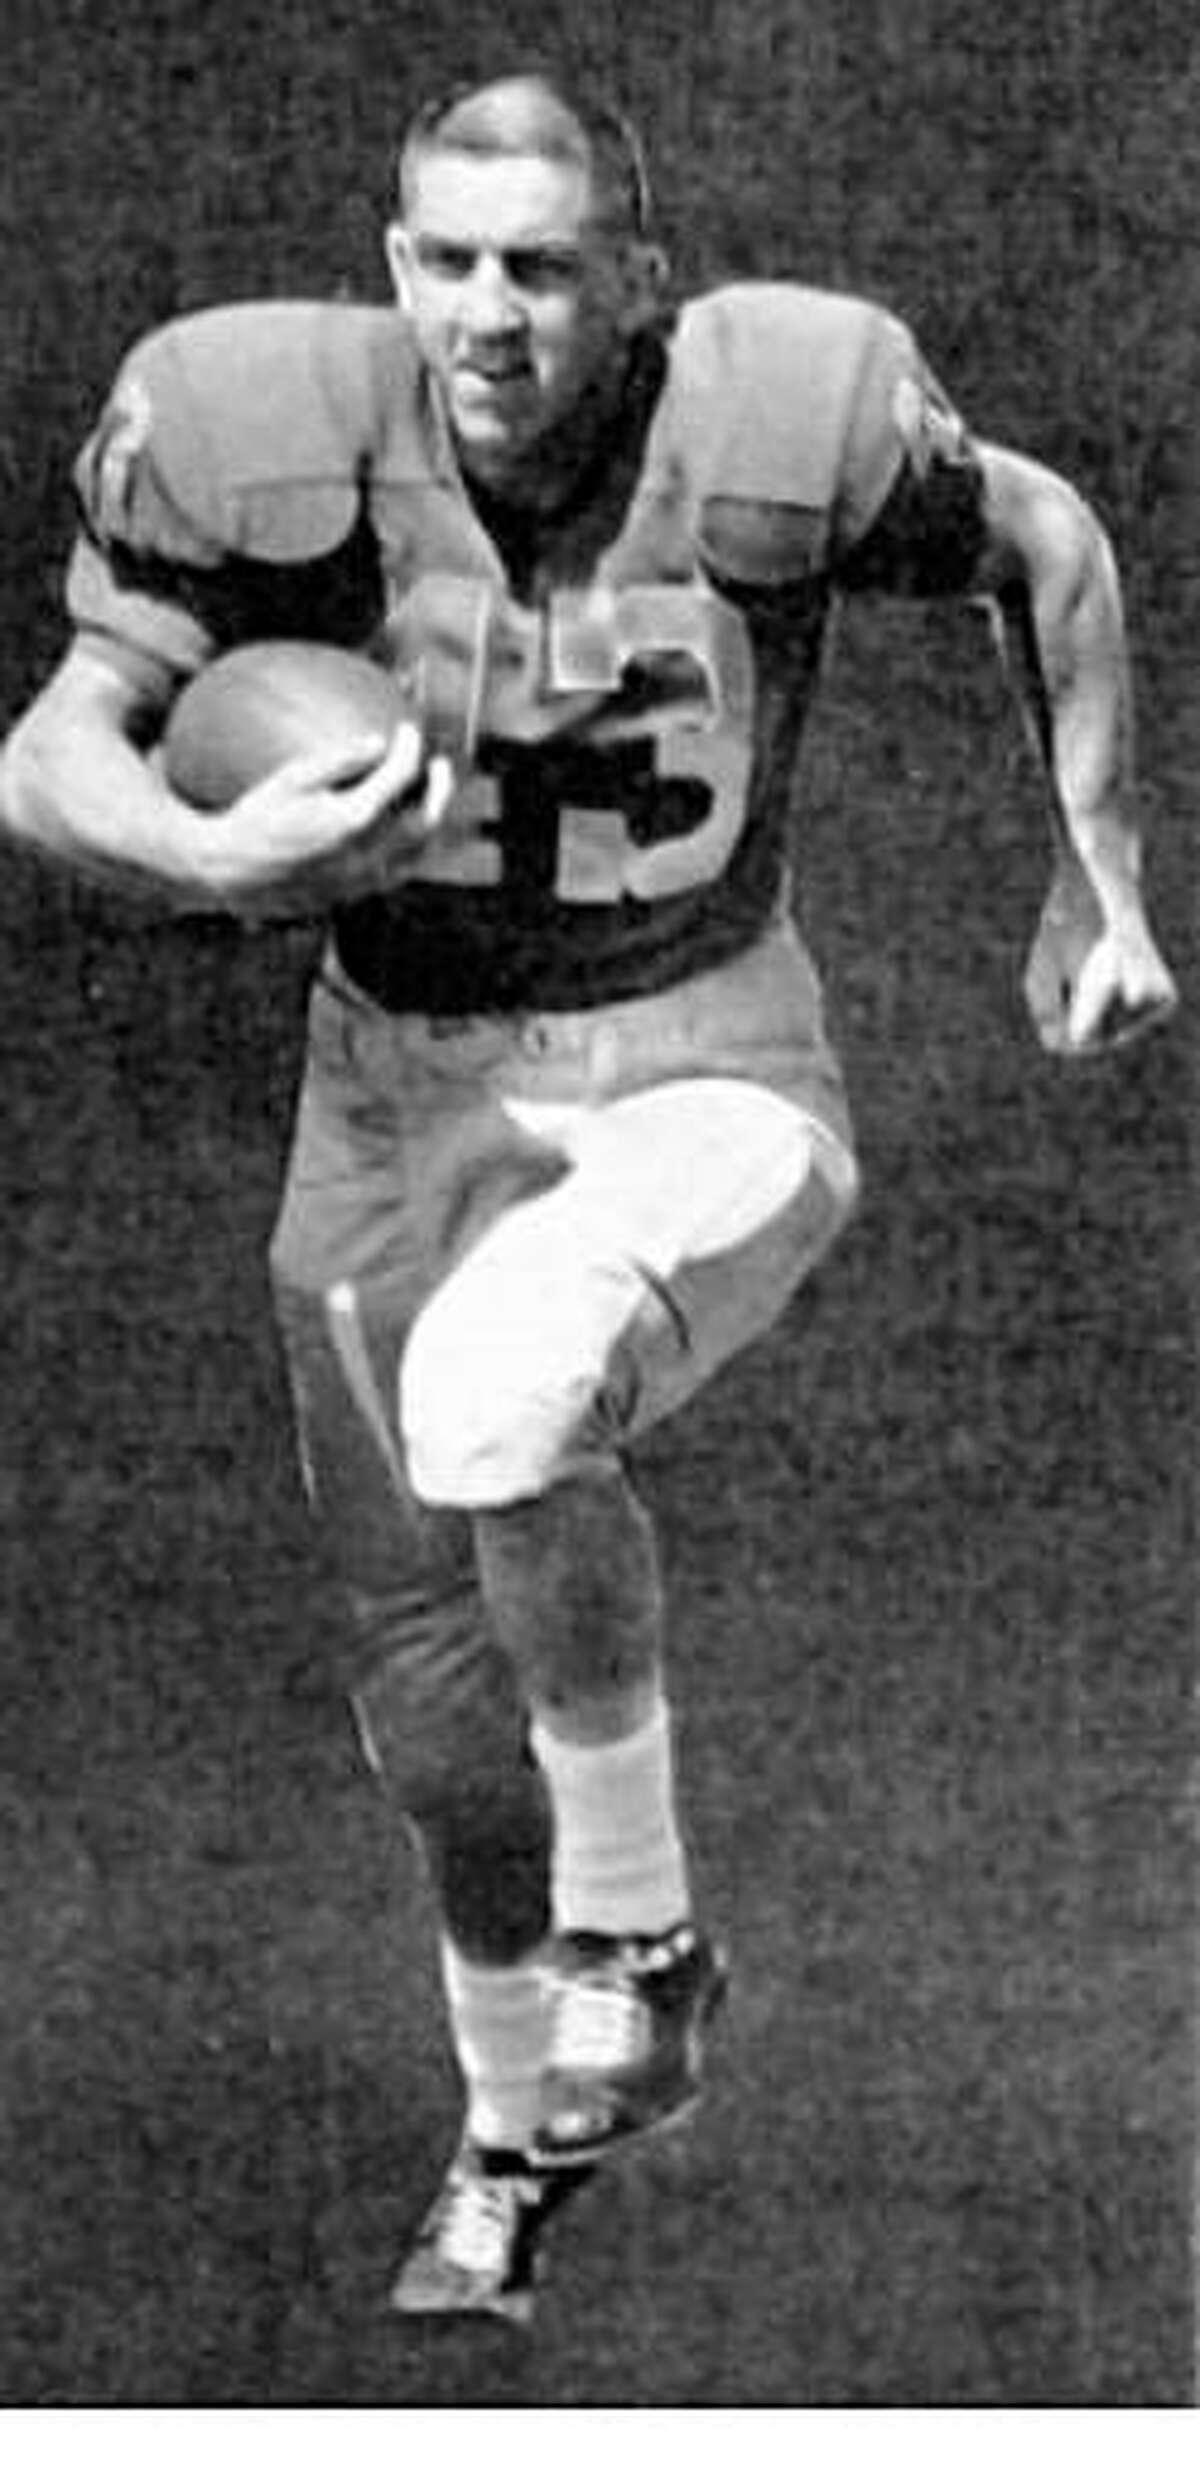 1959 rose bowl teamJack Hart, Halfback